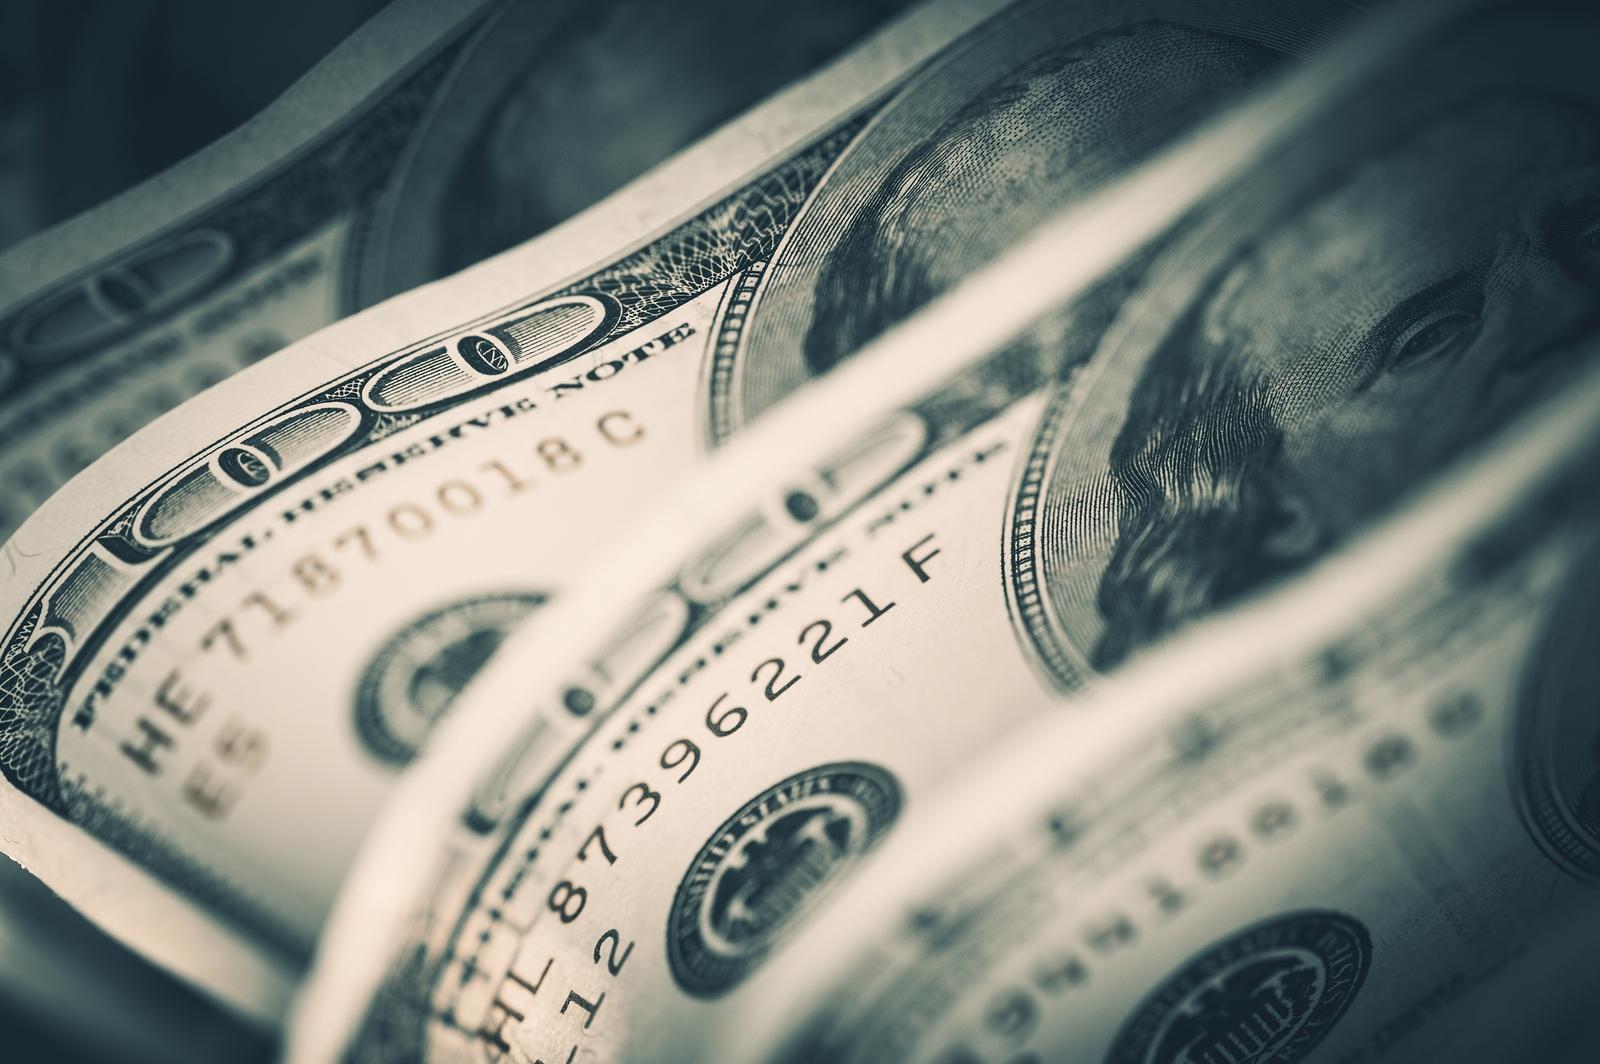 Хакеры украли $30 млн из криптокошелька Tether Treasury